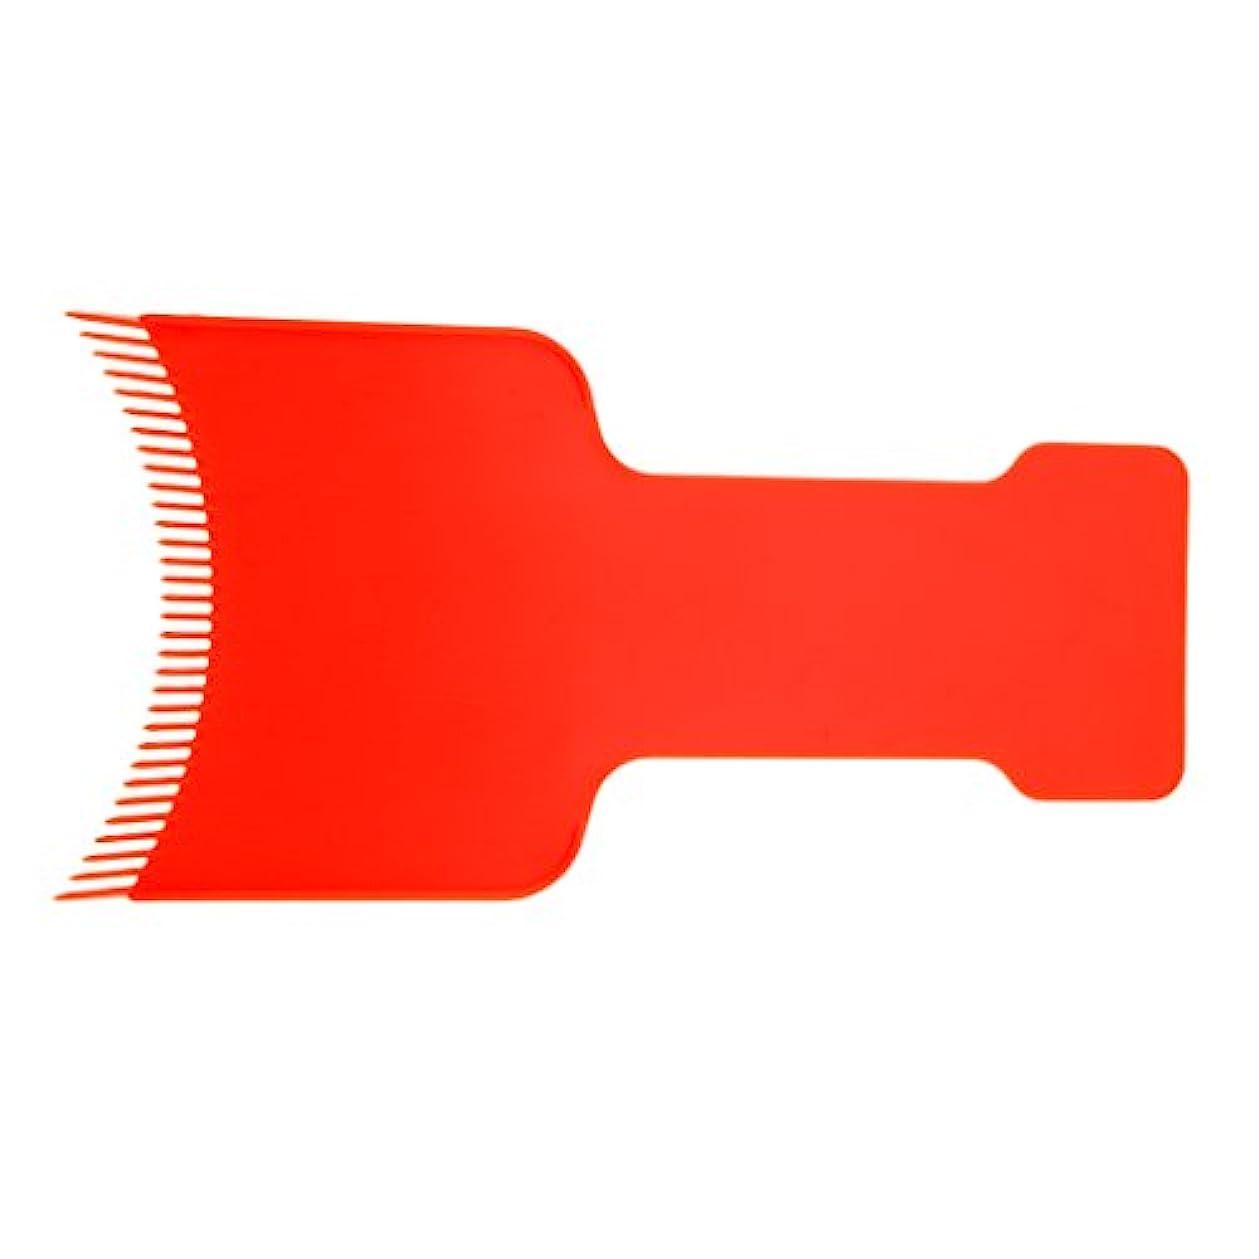 アルバニーかんたん故障Toygogo サロンヘアカラーボード|染毛剤プレート|理髪理髪ヘアカラーボード19x9.5 Cm